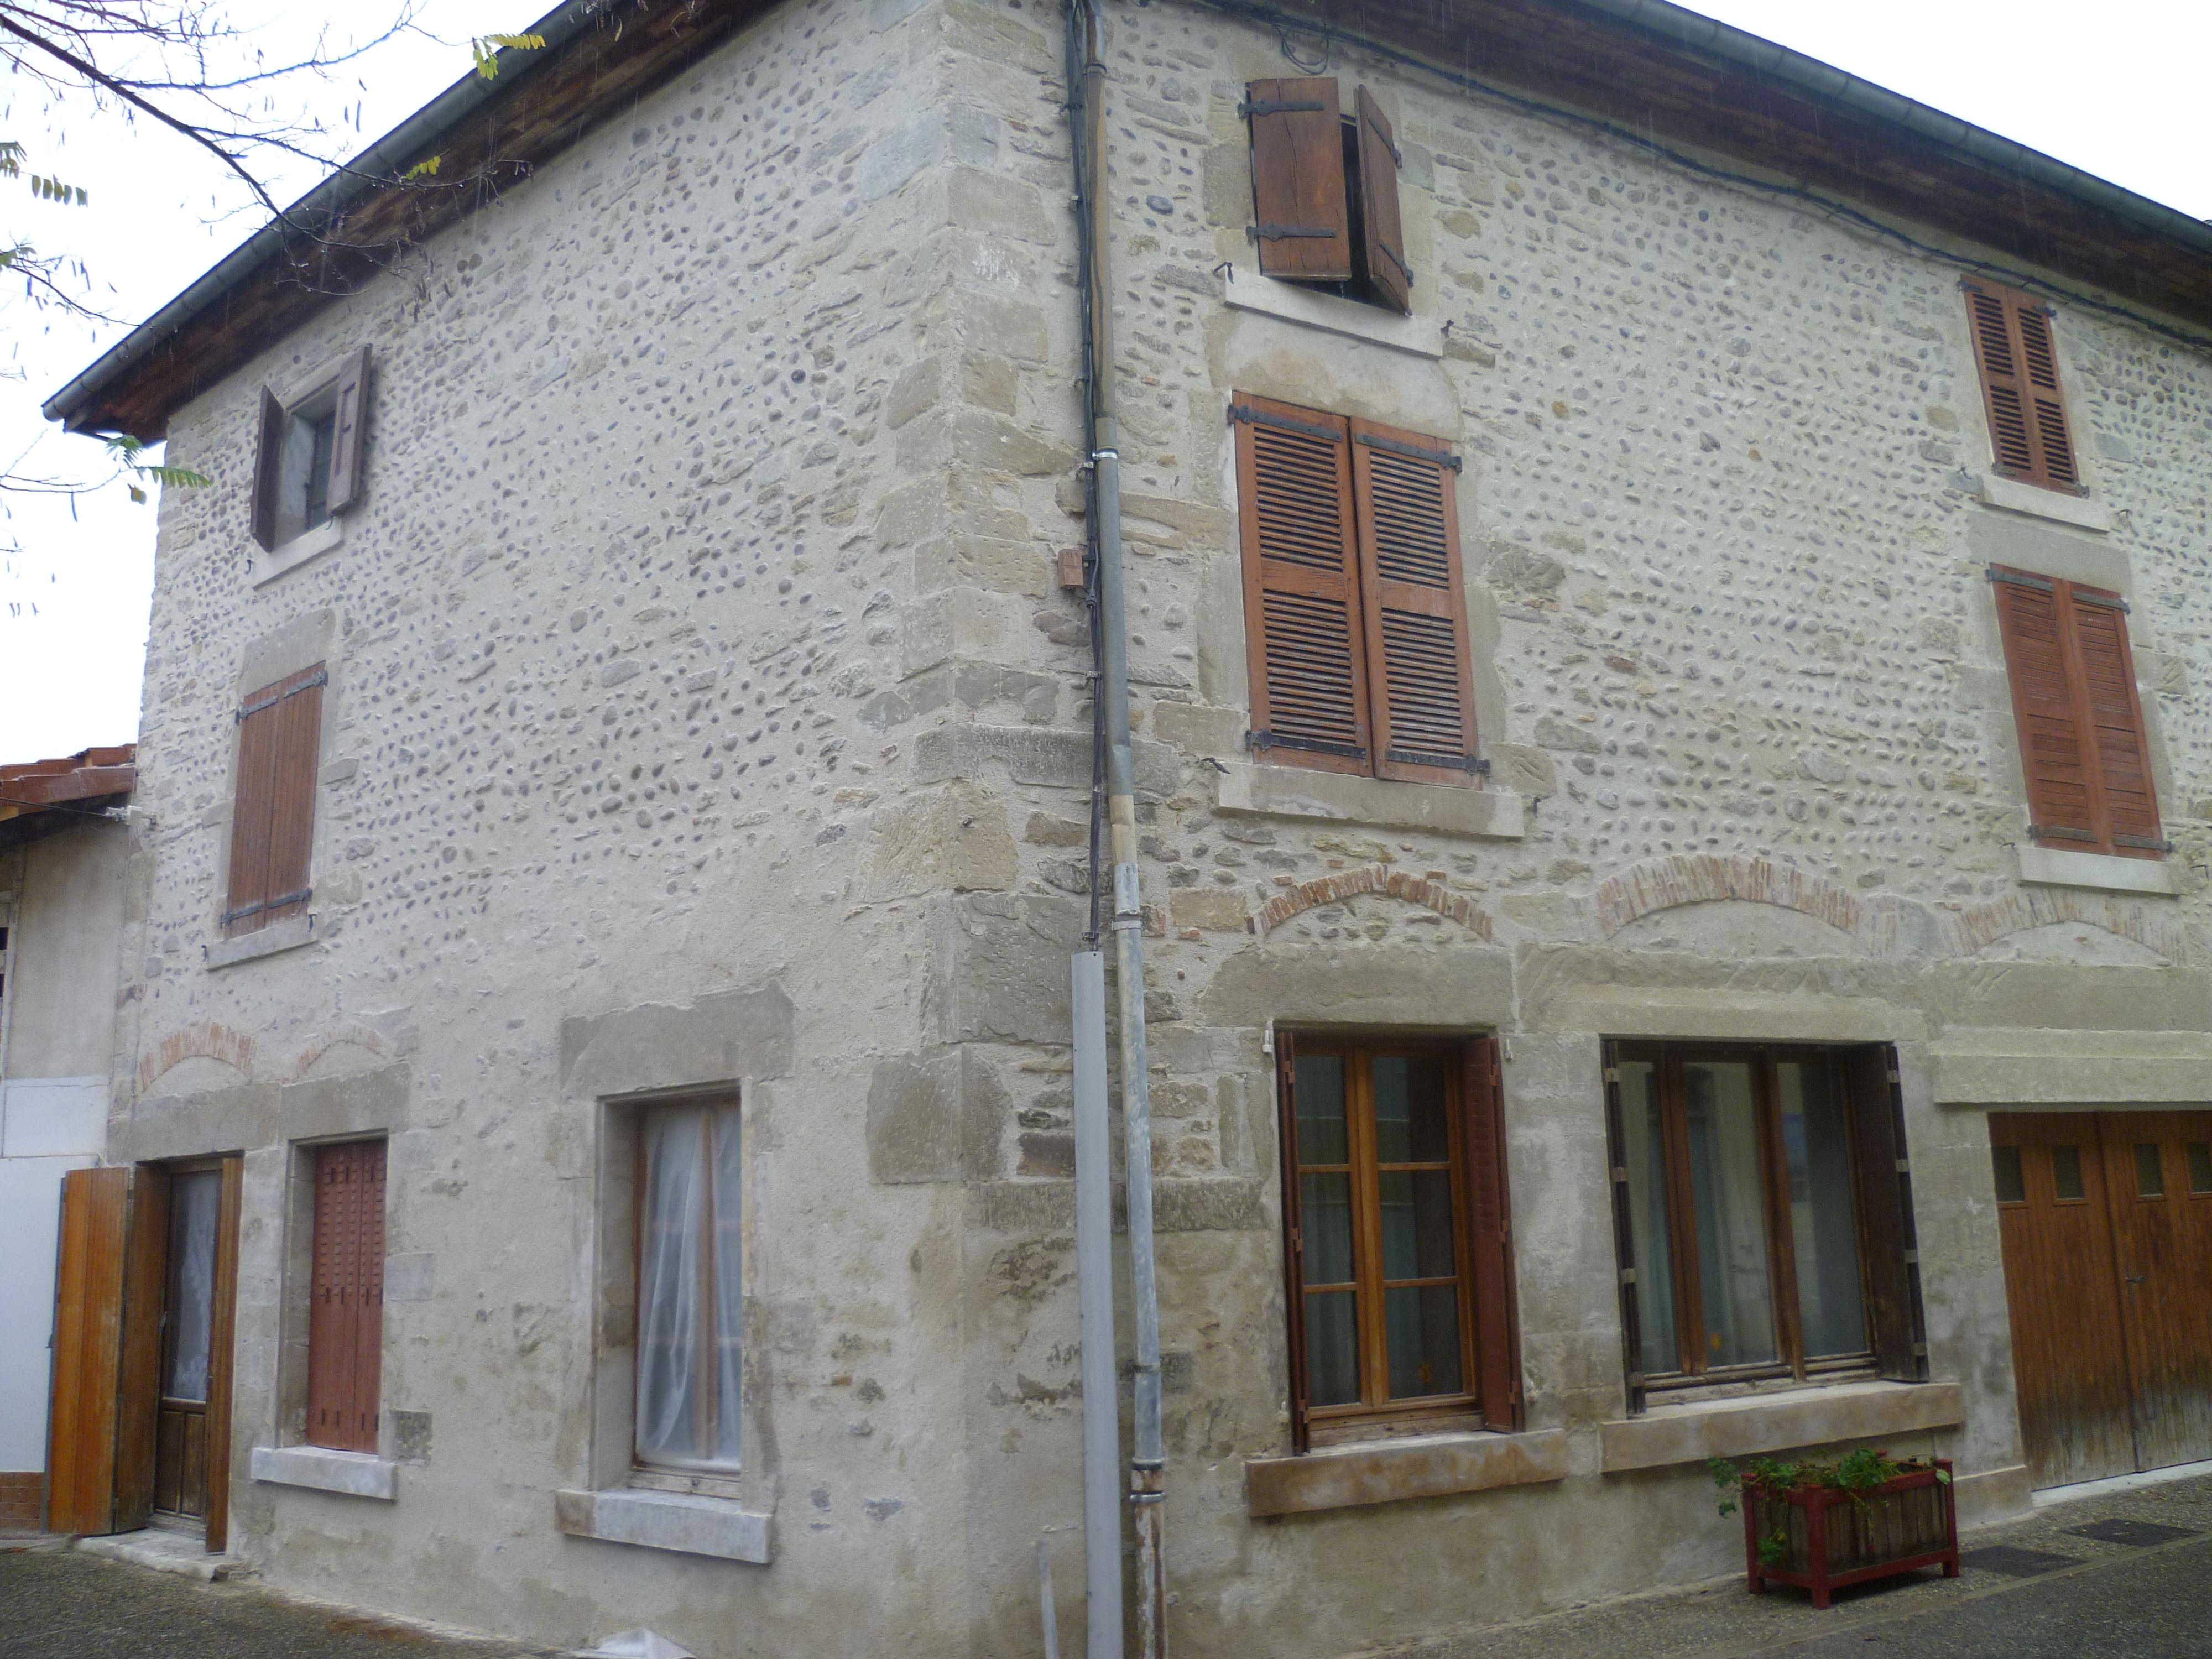 Rejointoiement de façade - Montmiral - Drôme